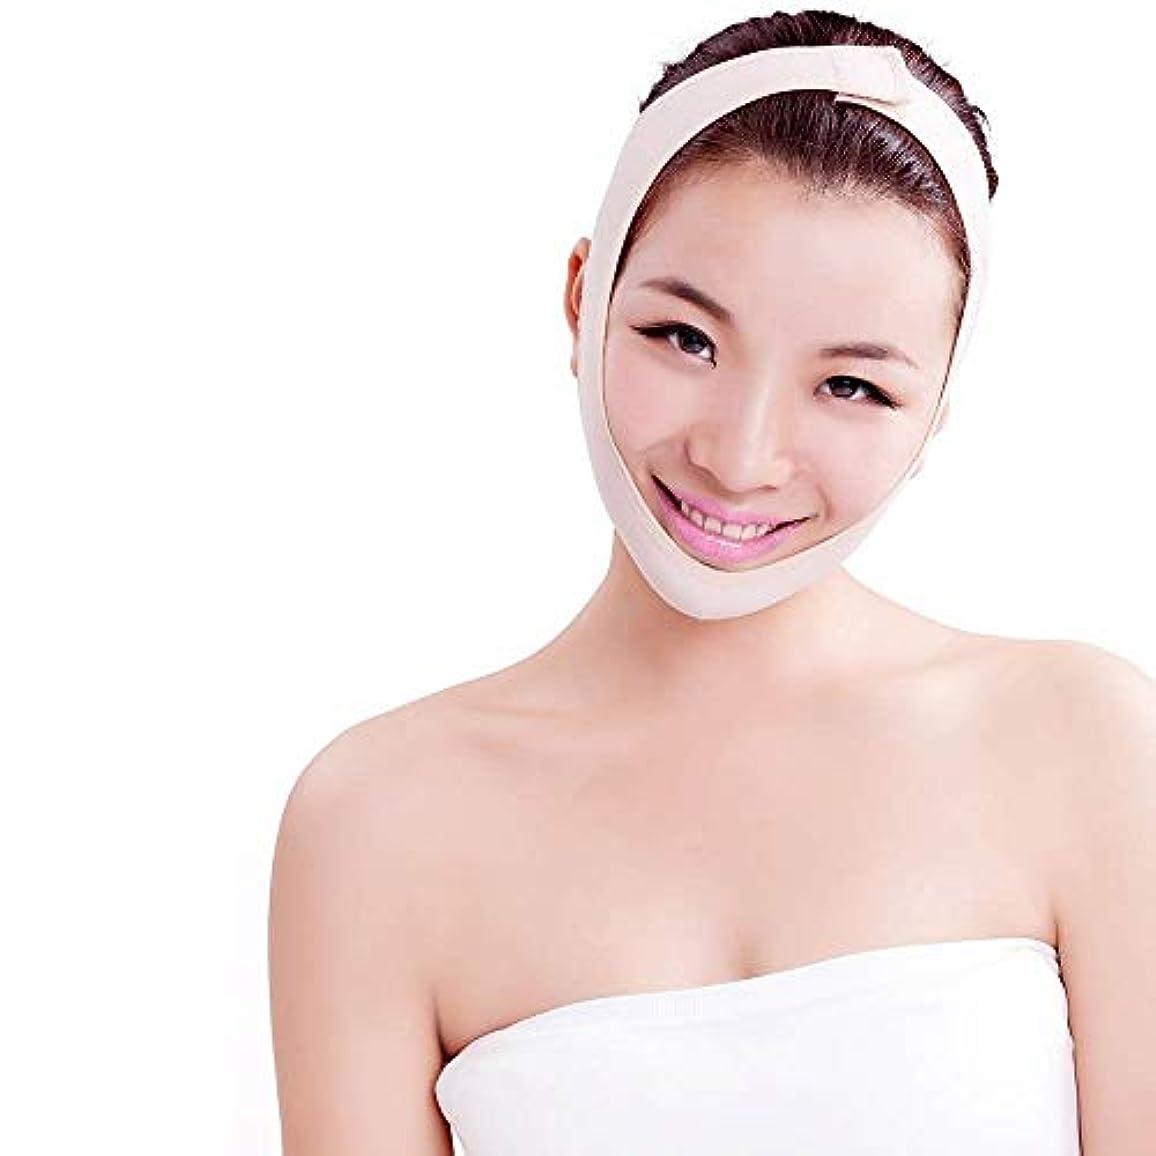 共和国ジョージハンブリー有効化HEMFV 顔のスリミングは、スリムリフトコンパクト顔の皮膚のためのスキン包帯二重あごスリミングベルトを締め、スリミング包帯通気性ひげ二重あごケア減量フェイスベルトマスク (Size : M)